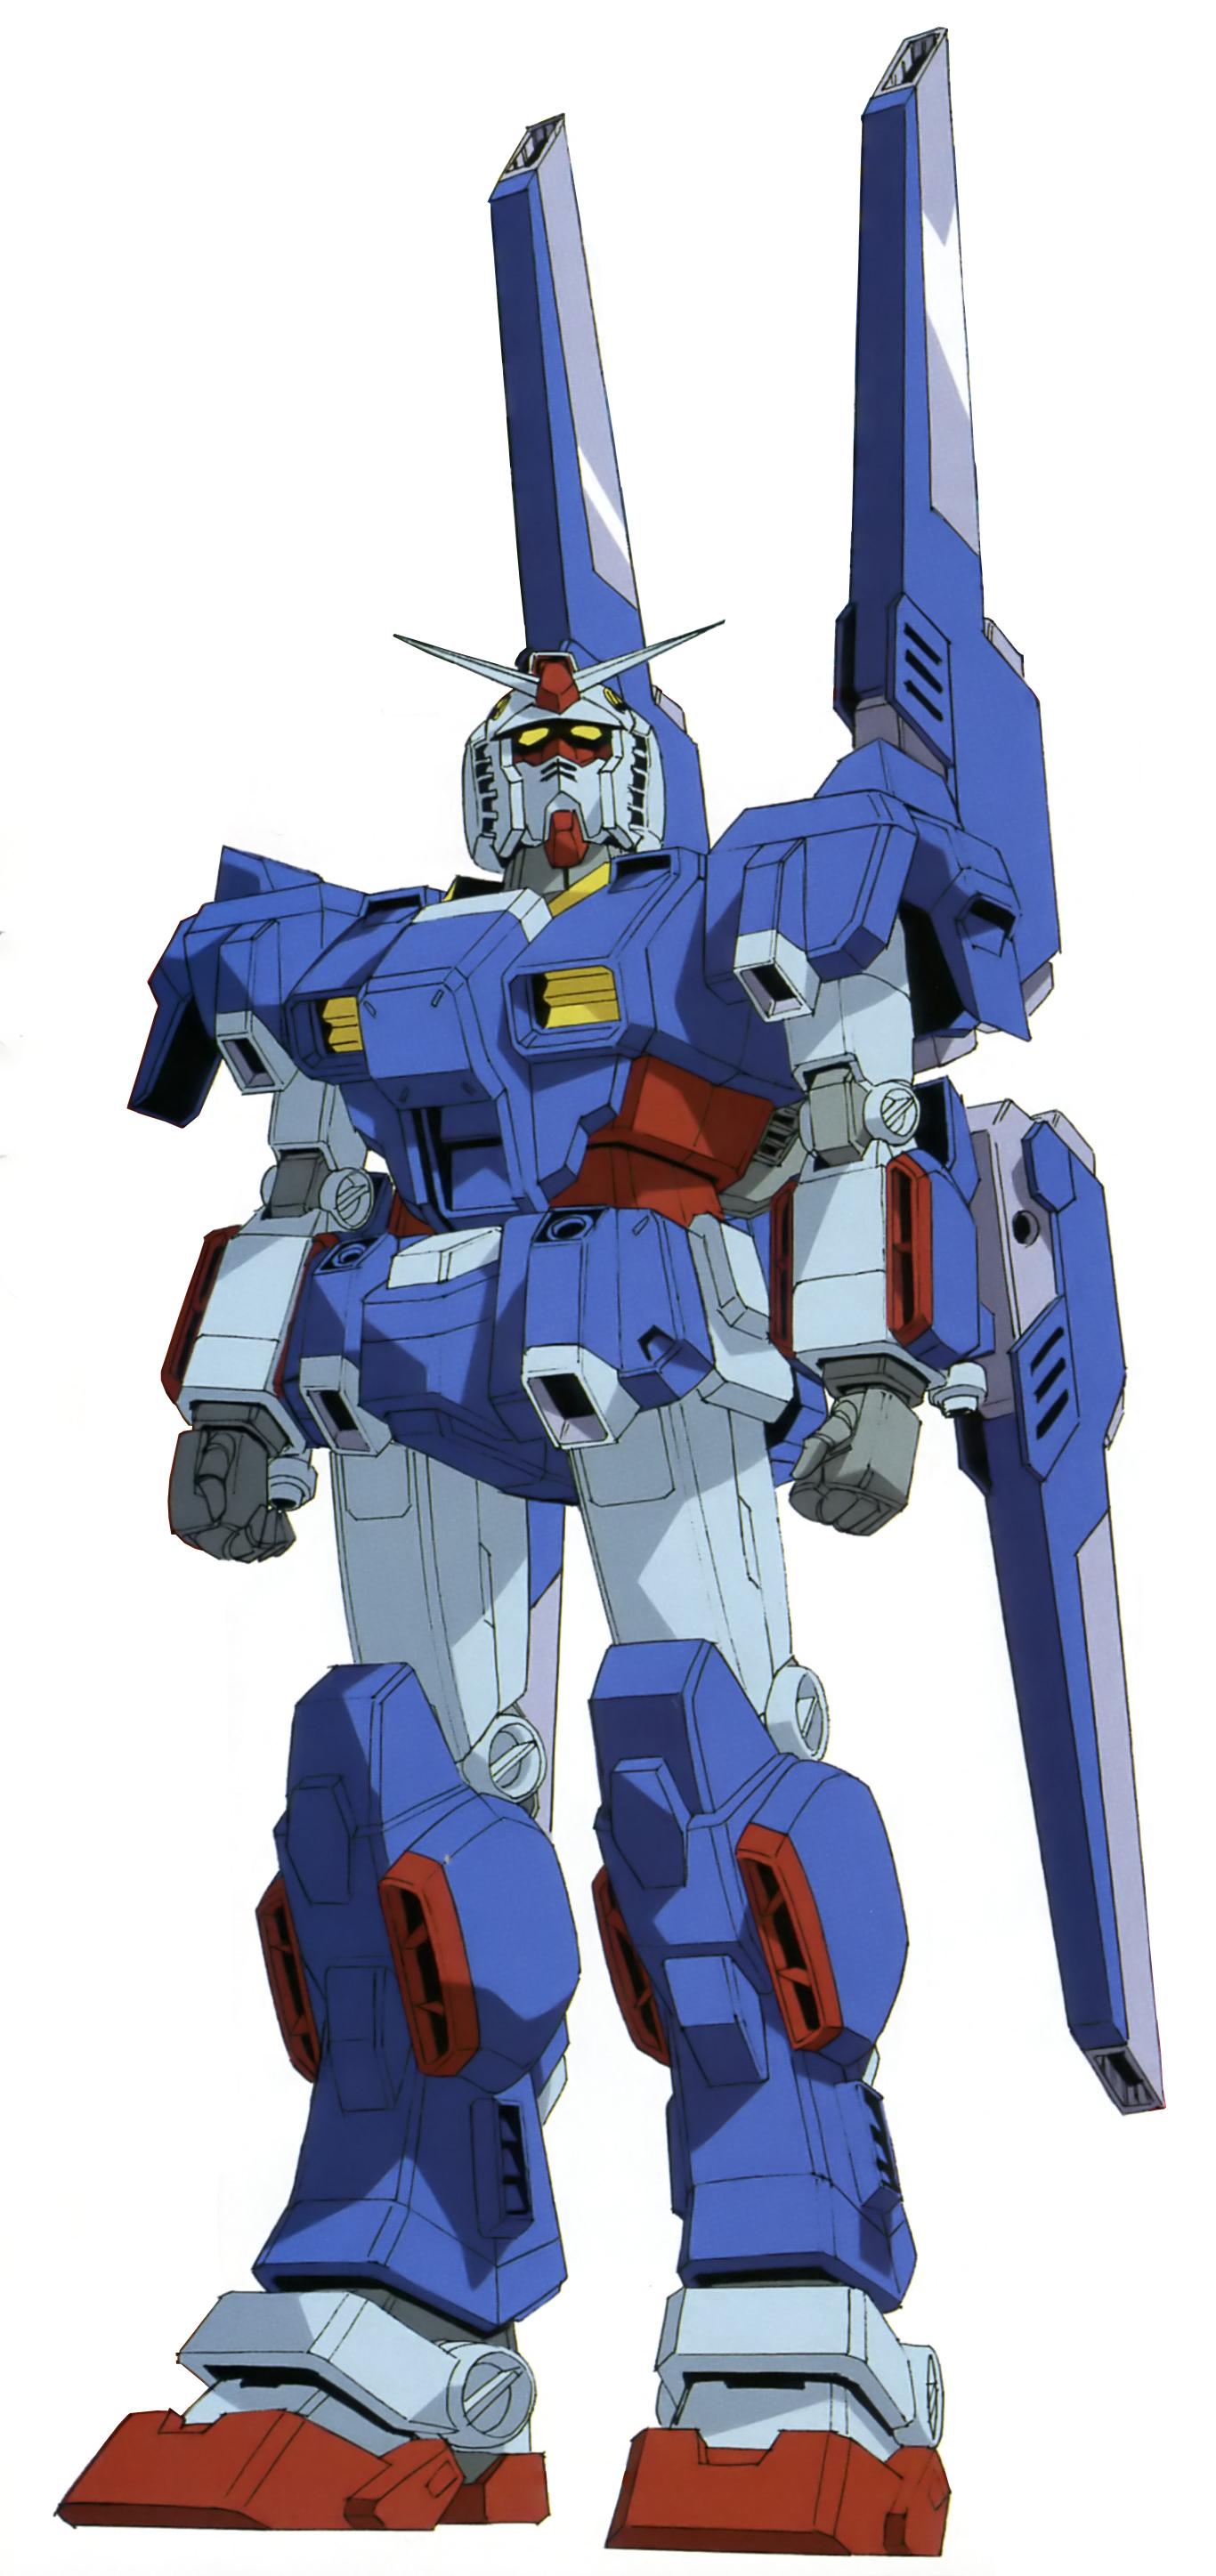 GPB-X78-30 Forever Gundam - Gundam Wiki